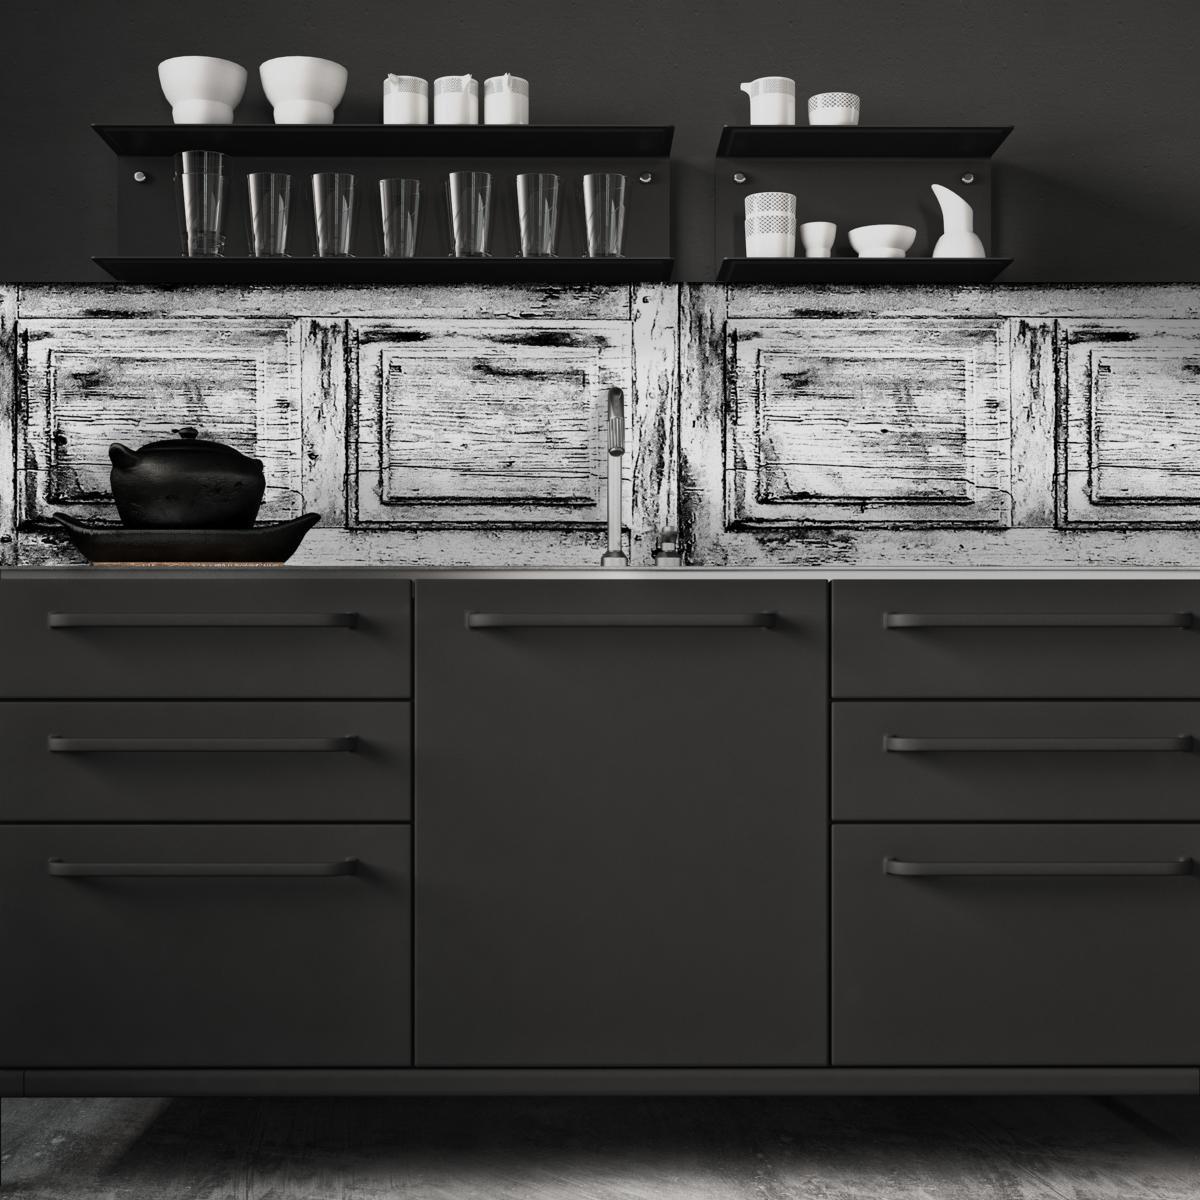 cr dence adh sive effet de mati re boiserie murale noir et blanc. Black Bedroom Furniture Sets. Home Design Ideas